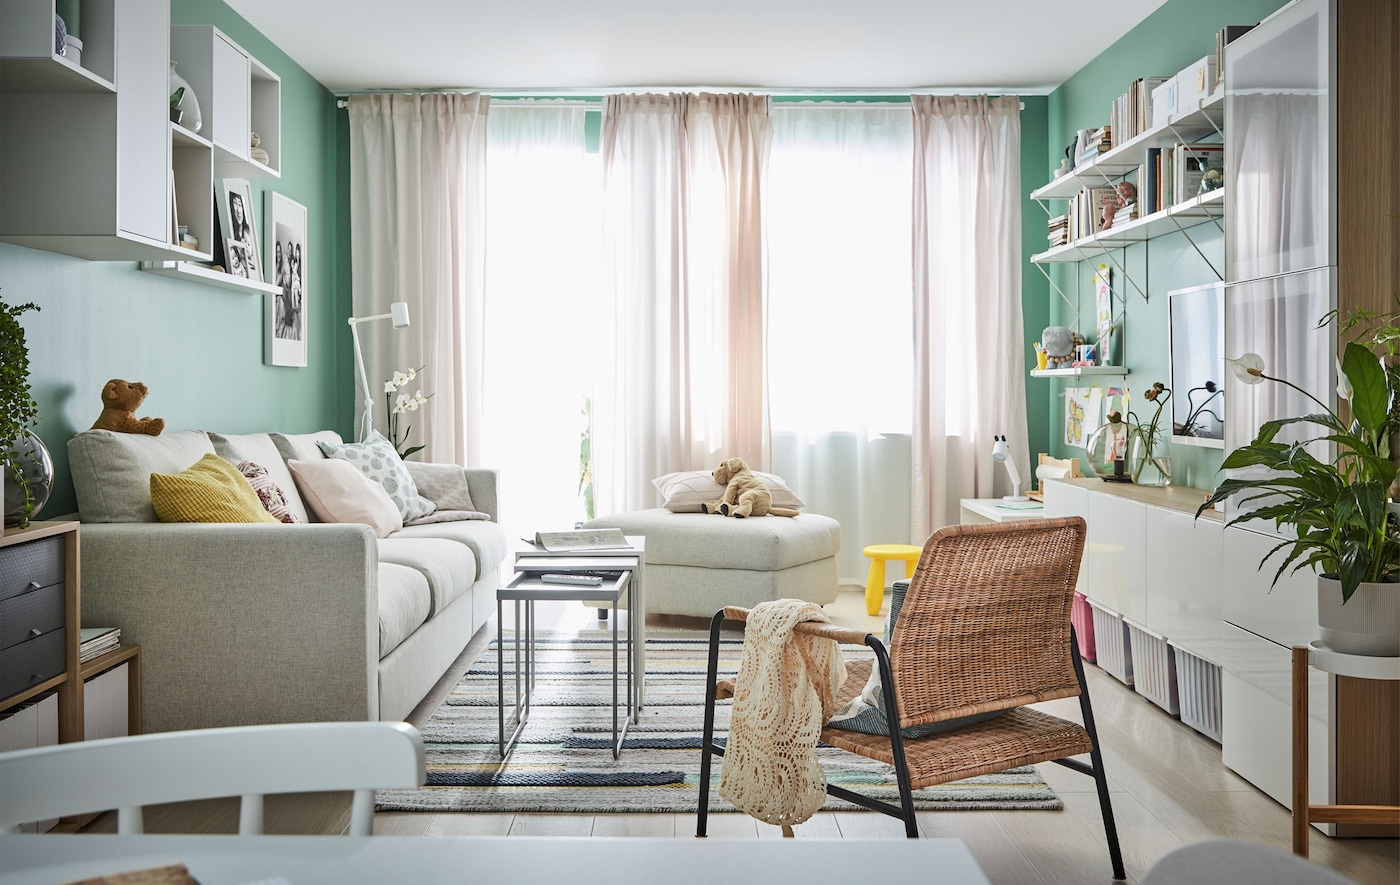 Salón iluminado gracias a una cortina traslúcida que cuelga de los ventanales del fondo. Sofá, sillas y almacenaje abierto en las paredes.